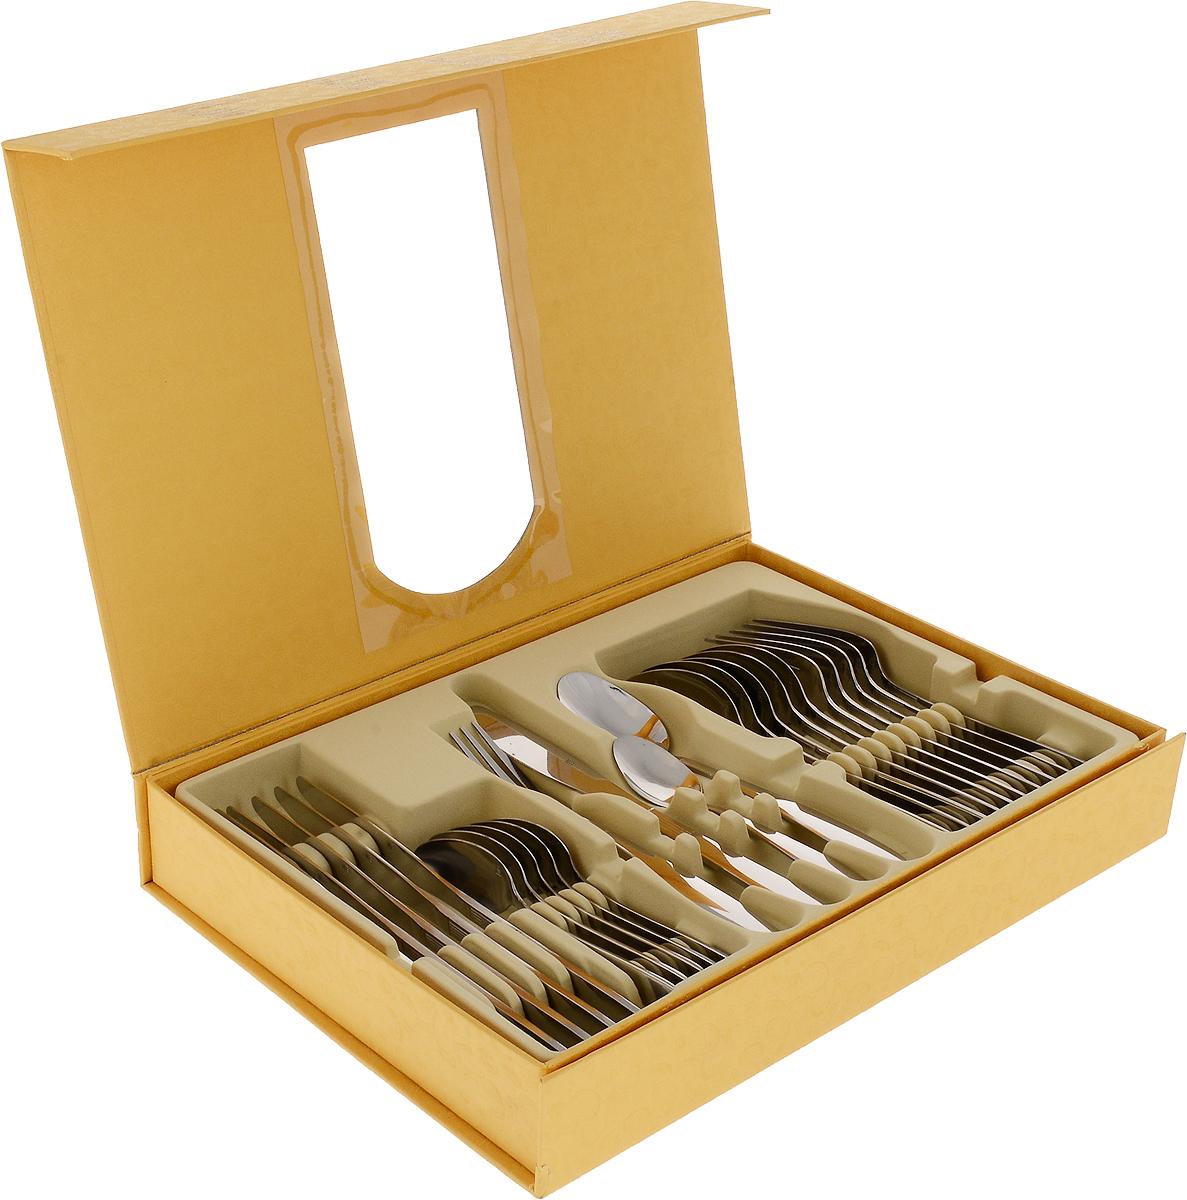 Набор столовых приборов Mayer & Boch, 24 предмета. 2646026460Набор столовых приборов Mayer & Boch включает 24 предмета: 6 обеденных ножей, 6 обеденных ложек, 6 обеденных вилок, 6 чайных ложек. Изделия выполнены из прочной хромоникелевой нержавеющей стали.Столовые наборы из нержавеющей стали такого состава отличаются высокими антикоррозионными свойствами, значительной устойчивостью к воздействию кислот и щелочей. Не изменяют вкус и цвет пищи, не выделяют вредных веществ.Одним из важных этапов изготовления столовых приборов является полировка, от ее качества зависит гигиеничность предметов. Элегантные золотые узоры на ручках приборов выполнены по технологии плазменного напыления, обеспечивающего высокую износостойкость покрытия.Стильный, лаконичный дизайн и отличное качество делают набор столовых приборов Mayer & Boch желанной покупкой для любого, даже самого пристрастного клиента. Можно мыть в посудомоечной машине.Длина столовой ложки/вилки: 20 см.Длина чайной ложки: 14 см.Длина ножа: 22,5 см.